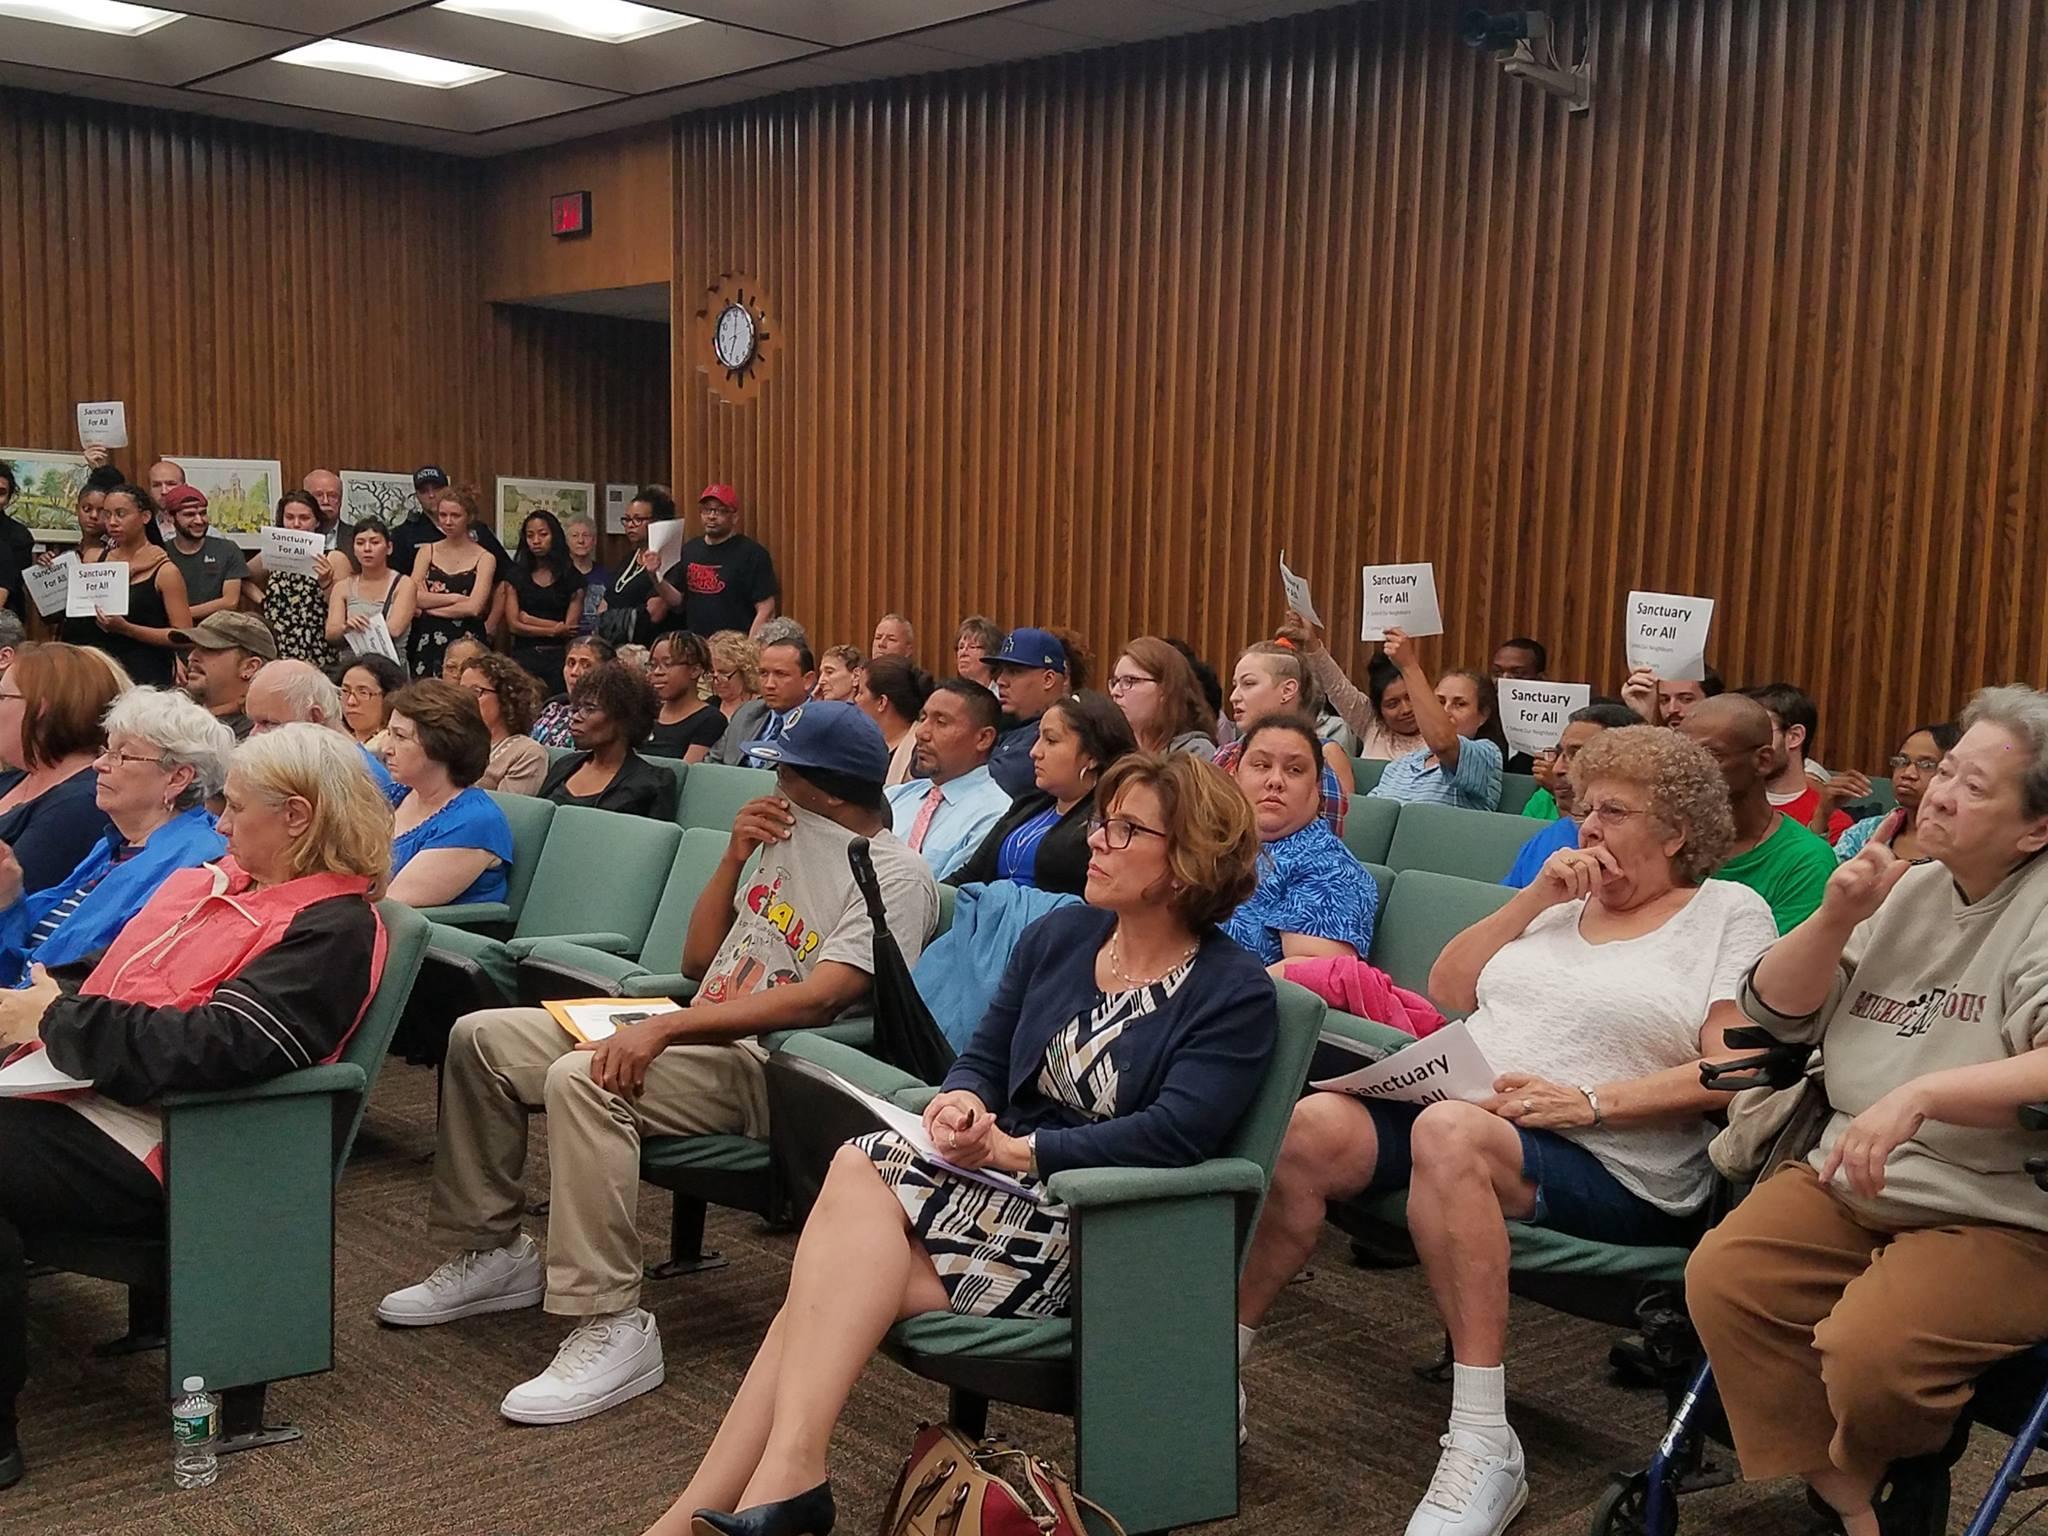 19 de junio en la concejalía de Poughkeepsie, mucha gente reunida a favor de la declaración de Ciudad Segura. Foto cortesía de Felipe Santos, R-volución Radio